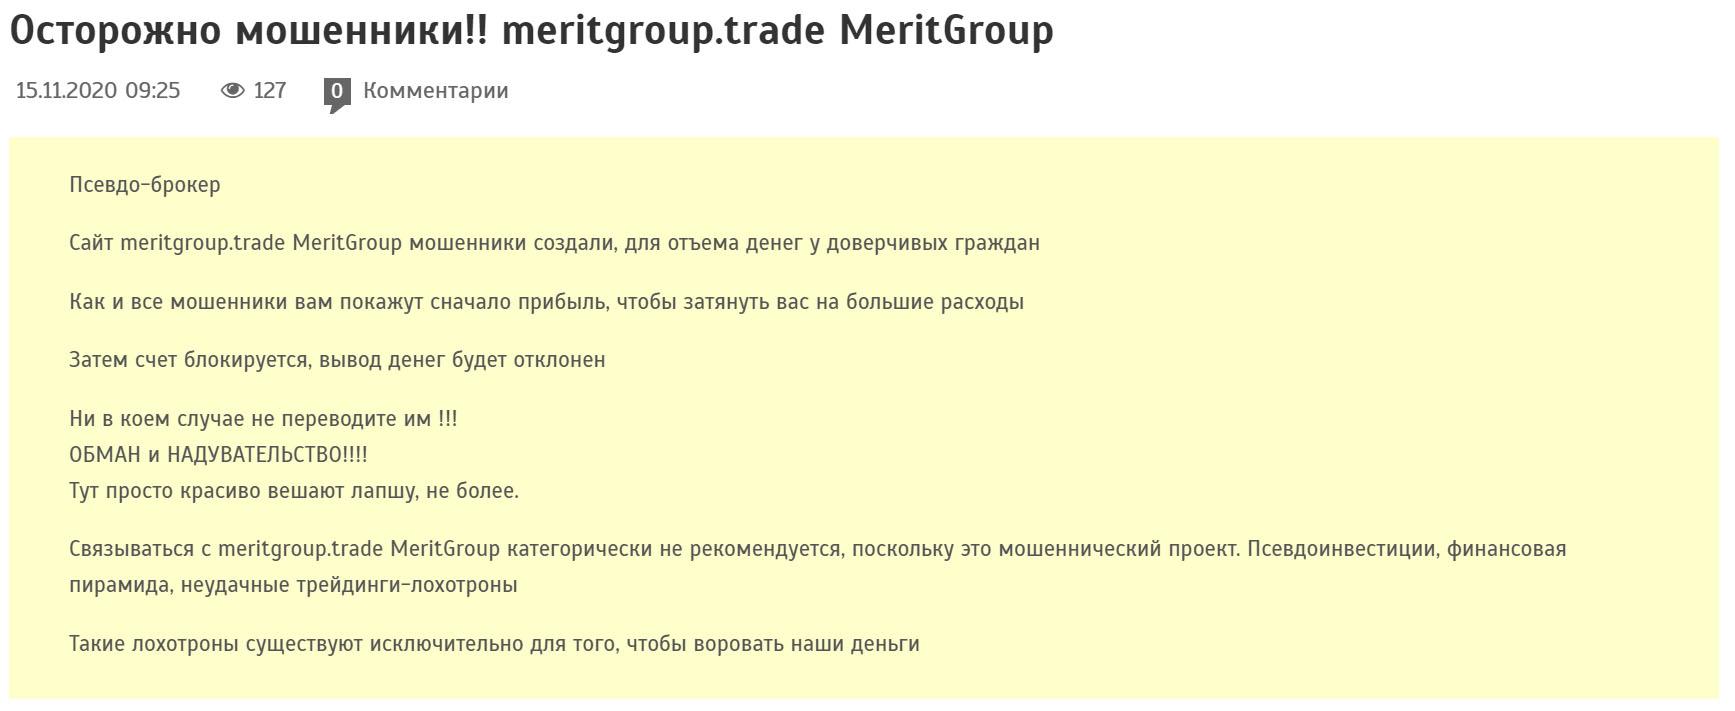 Обзор на брокерскую компанию MeritGroup Trade. Будьте внимательны – это мошенники!